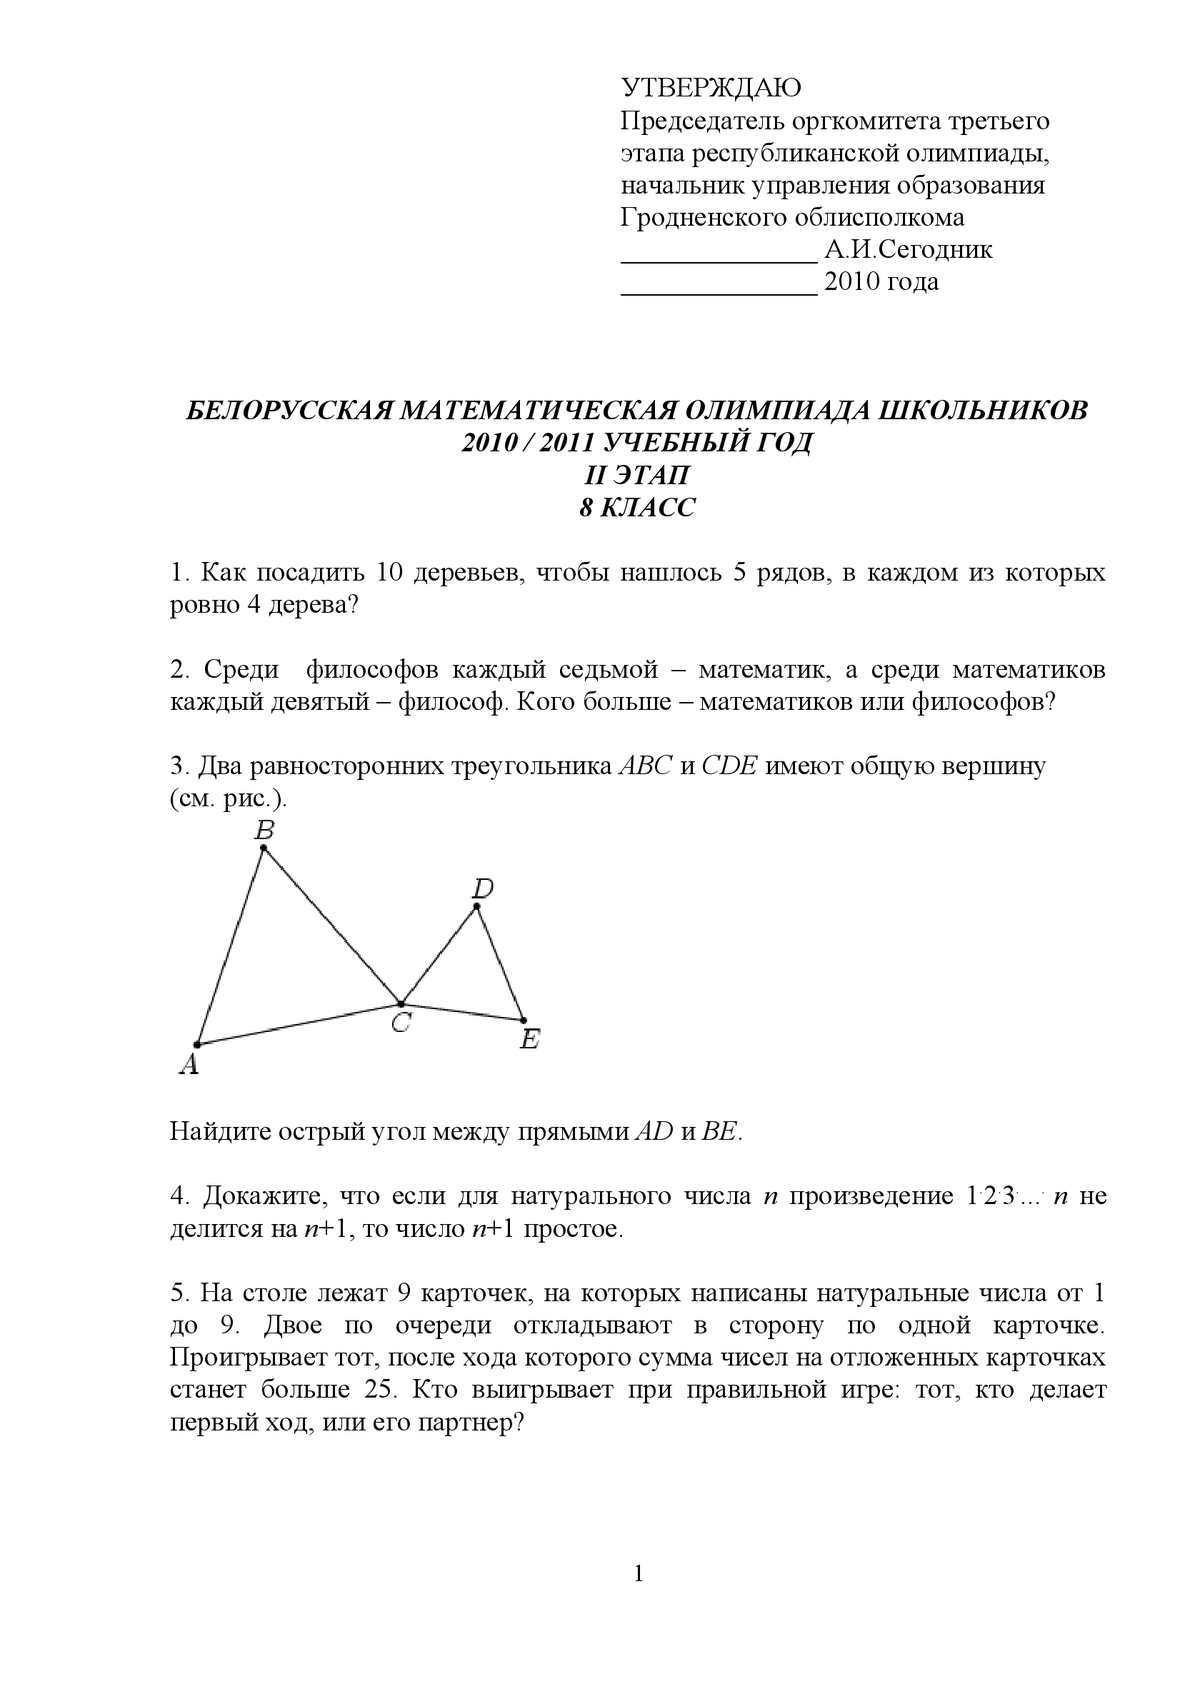 a20ba29b1a условие и решение 2010 - CALAMEO Downloader